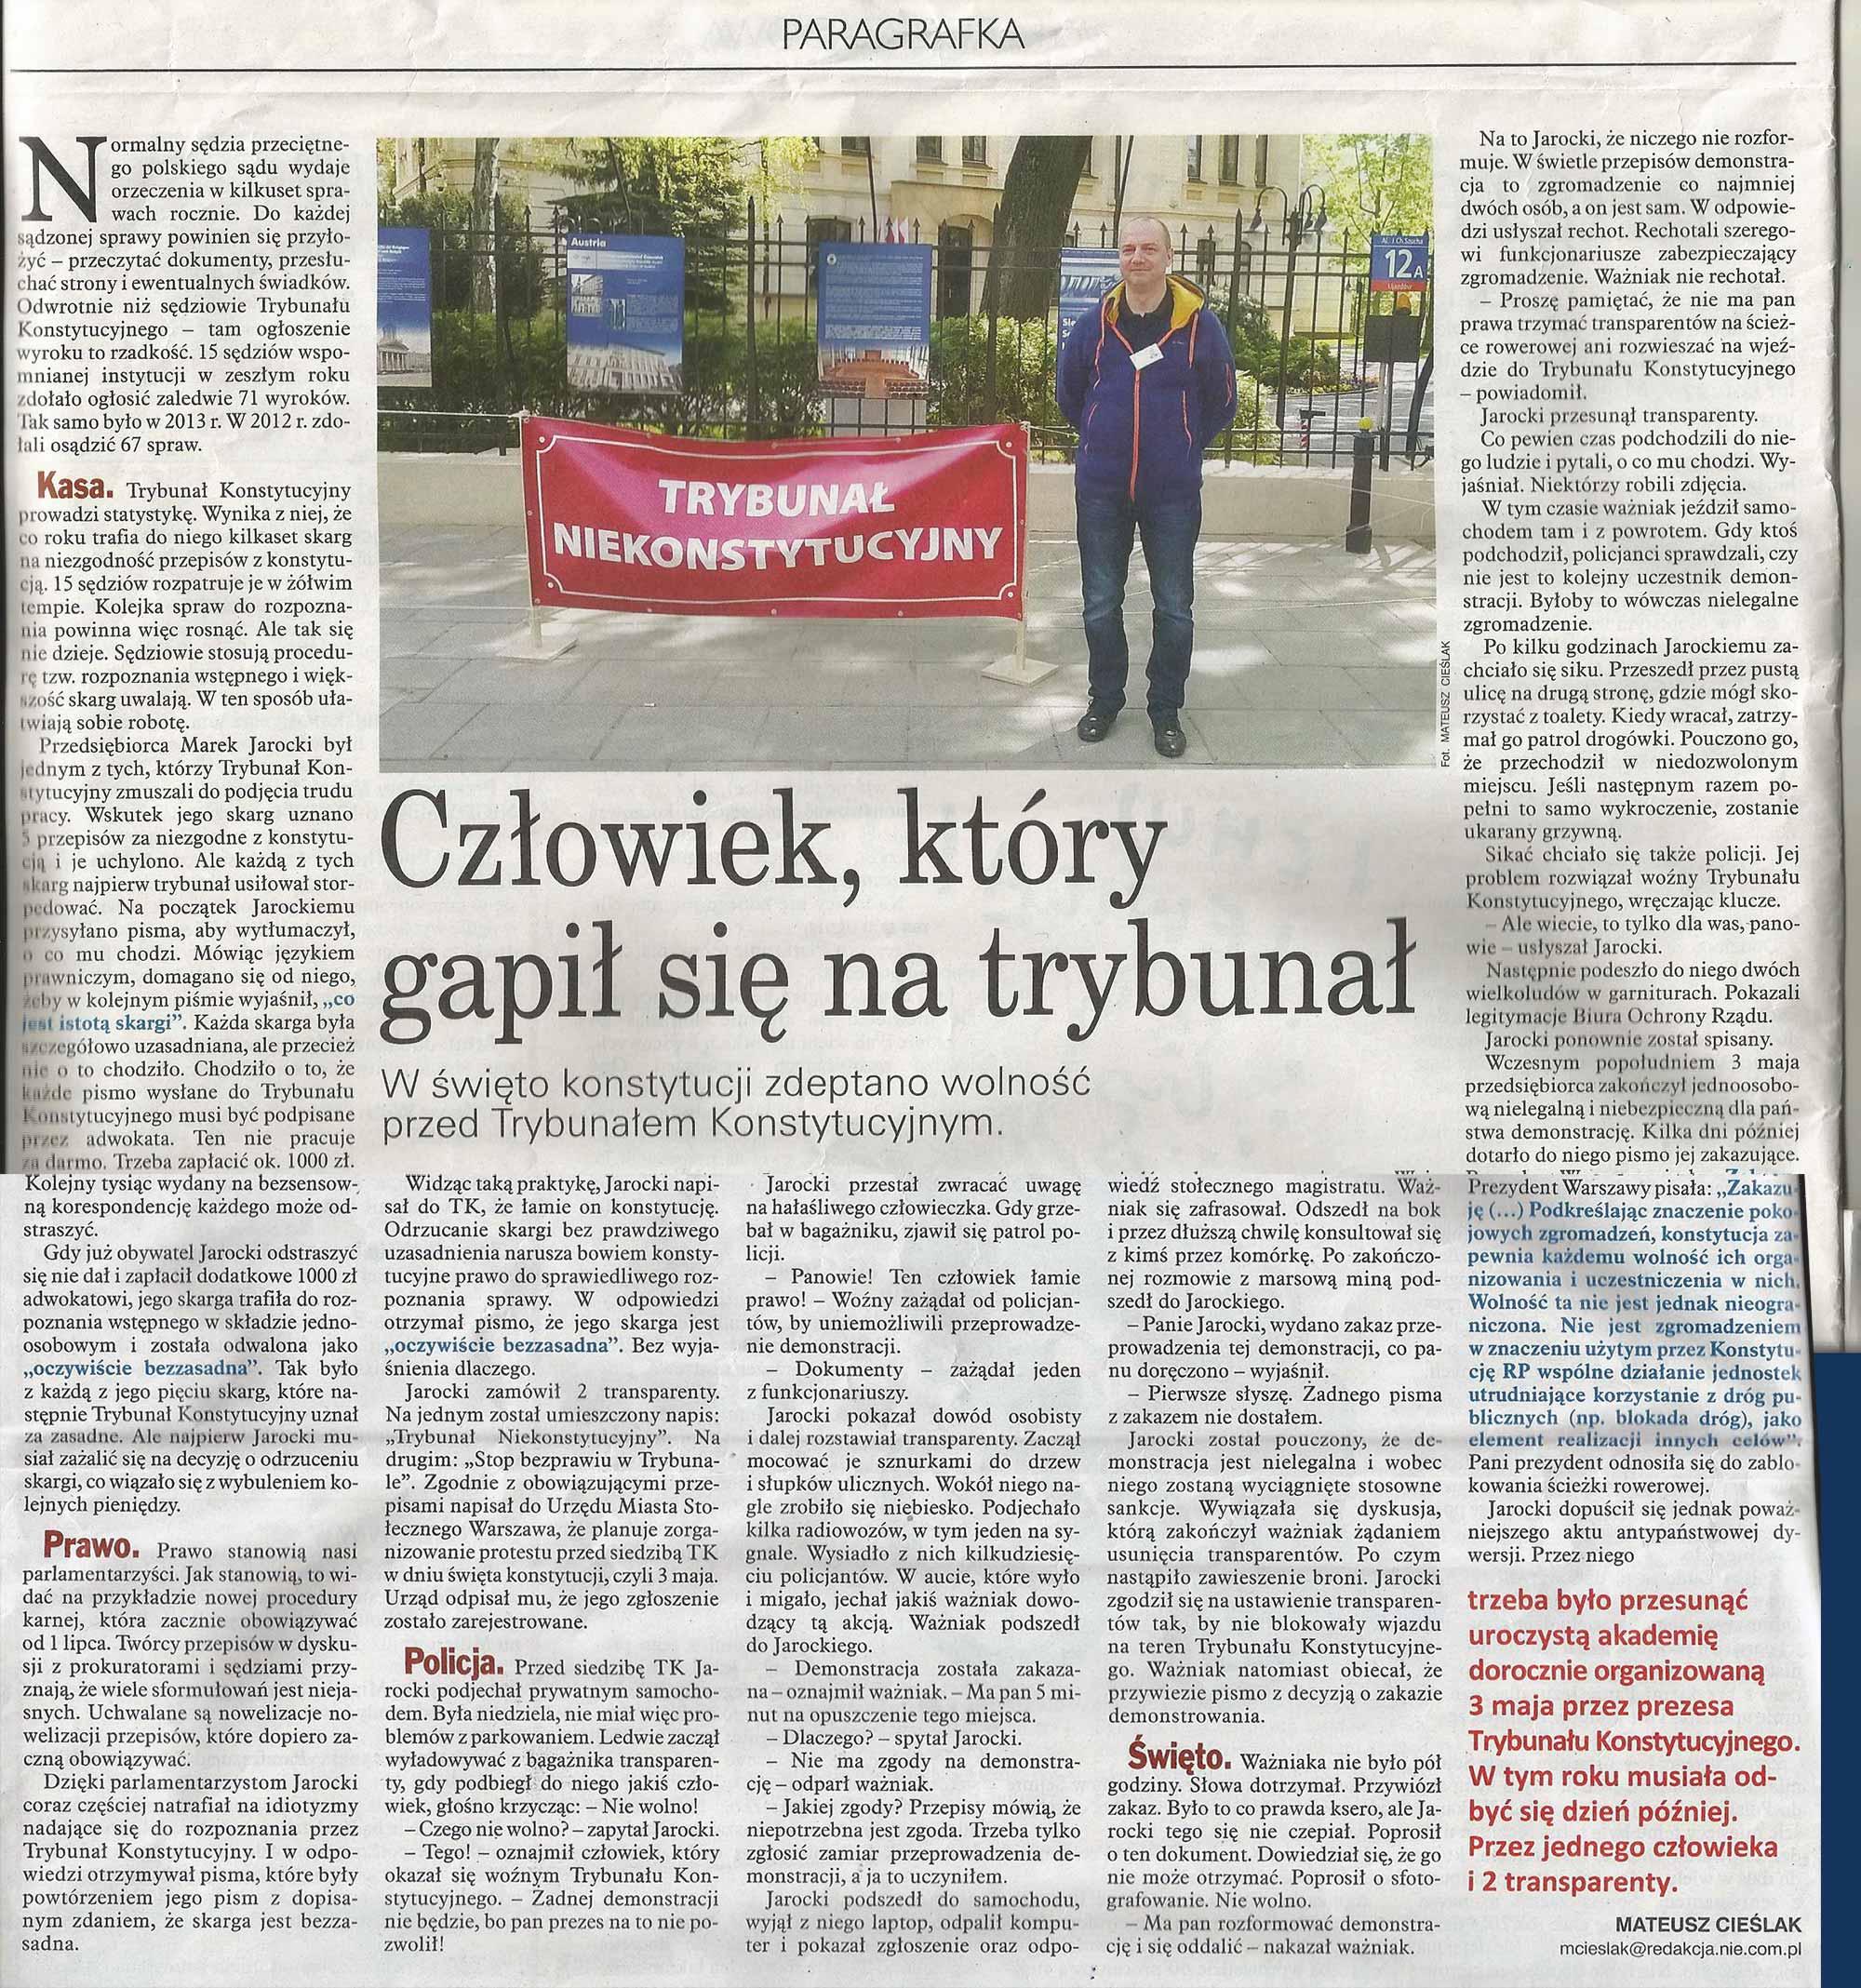 artykul_nie_demonstracja_tk